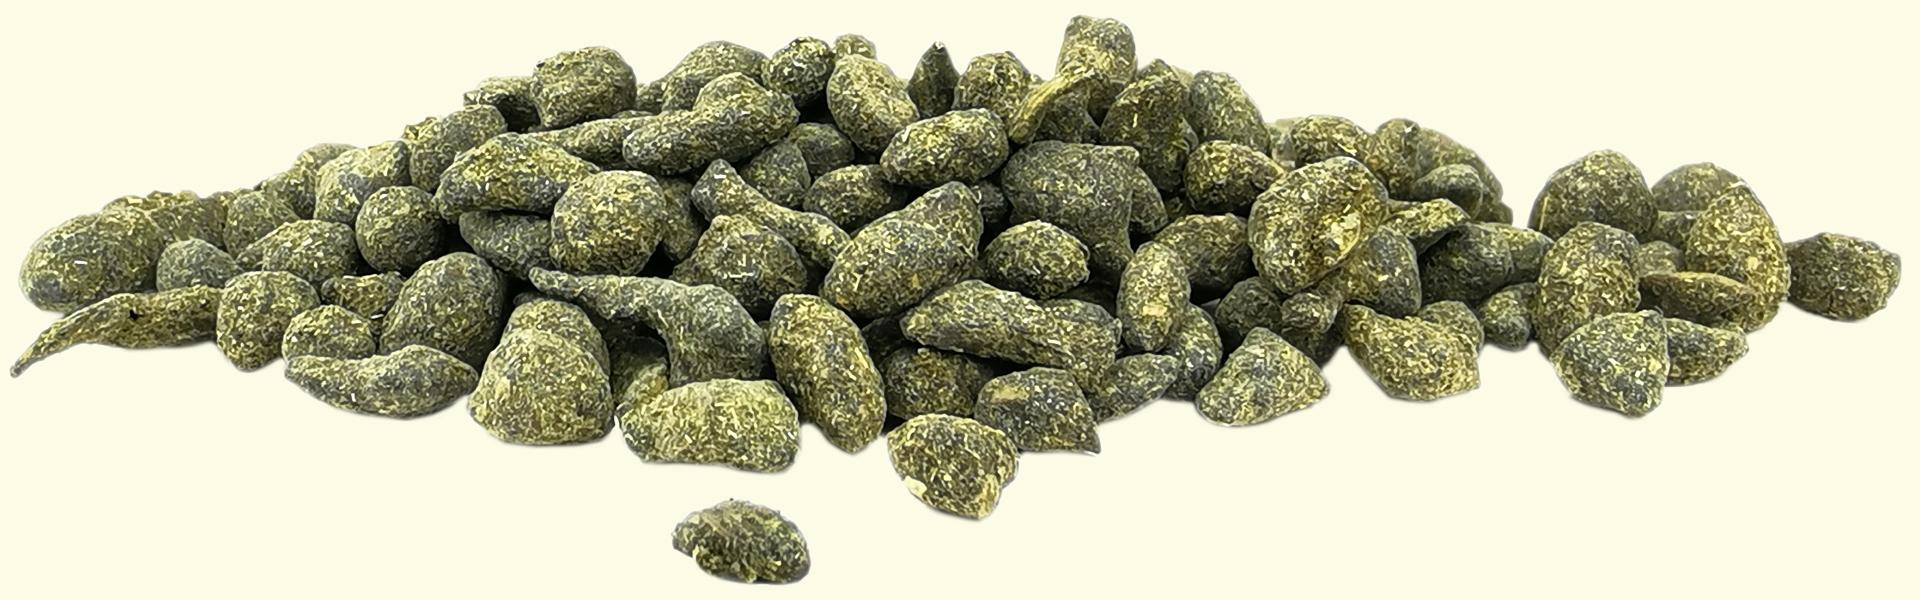 Le thé Oolong au Ginseng Blanc en feuilles roulées : une combinaison réussie des bienfaits du Ginseng avec ceux du thé Oolong.